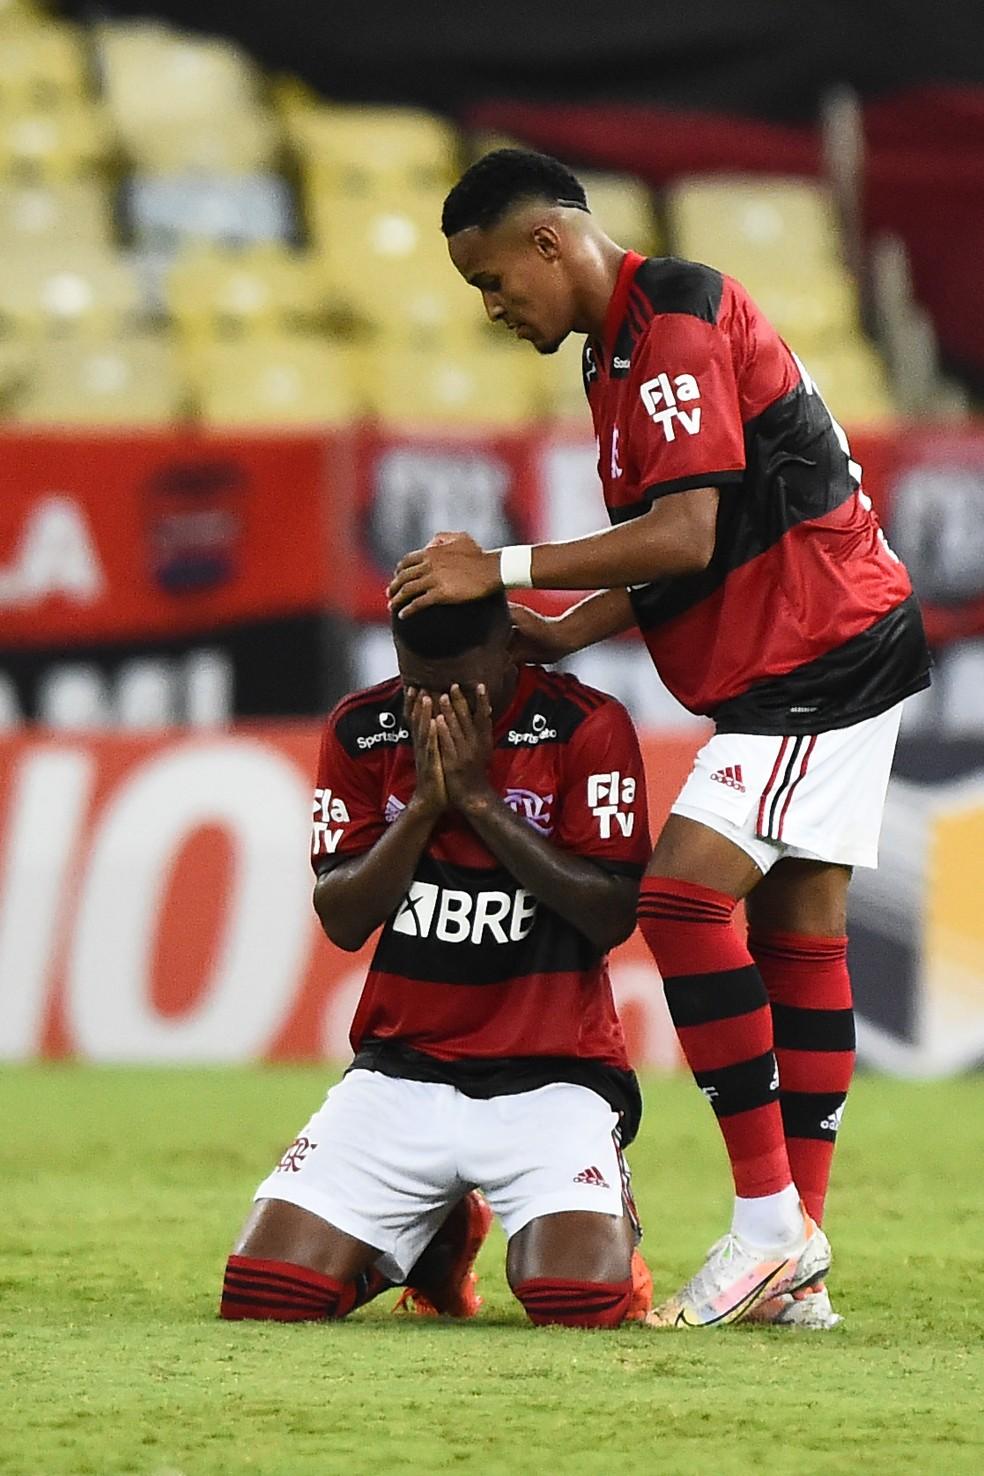 Golaço de Max dá vitória e premia transpiração da garotada do Flamengo